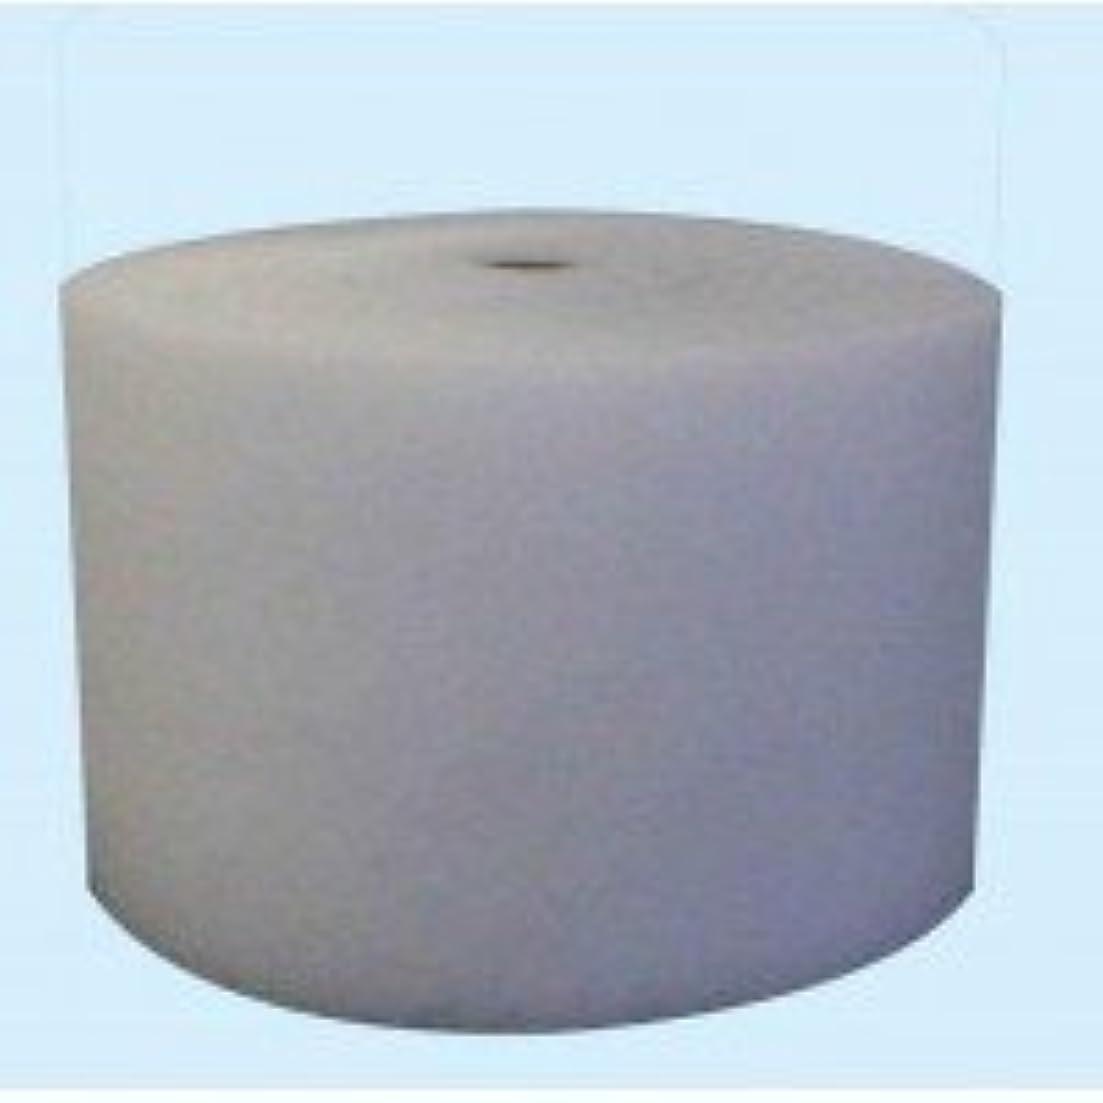 知恵酸化する家主エコフレギュラー(エアコンフィルター) フィルターロール巻き 幅30cm×厚み2mm×50m巻き W-4053